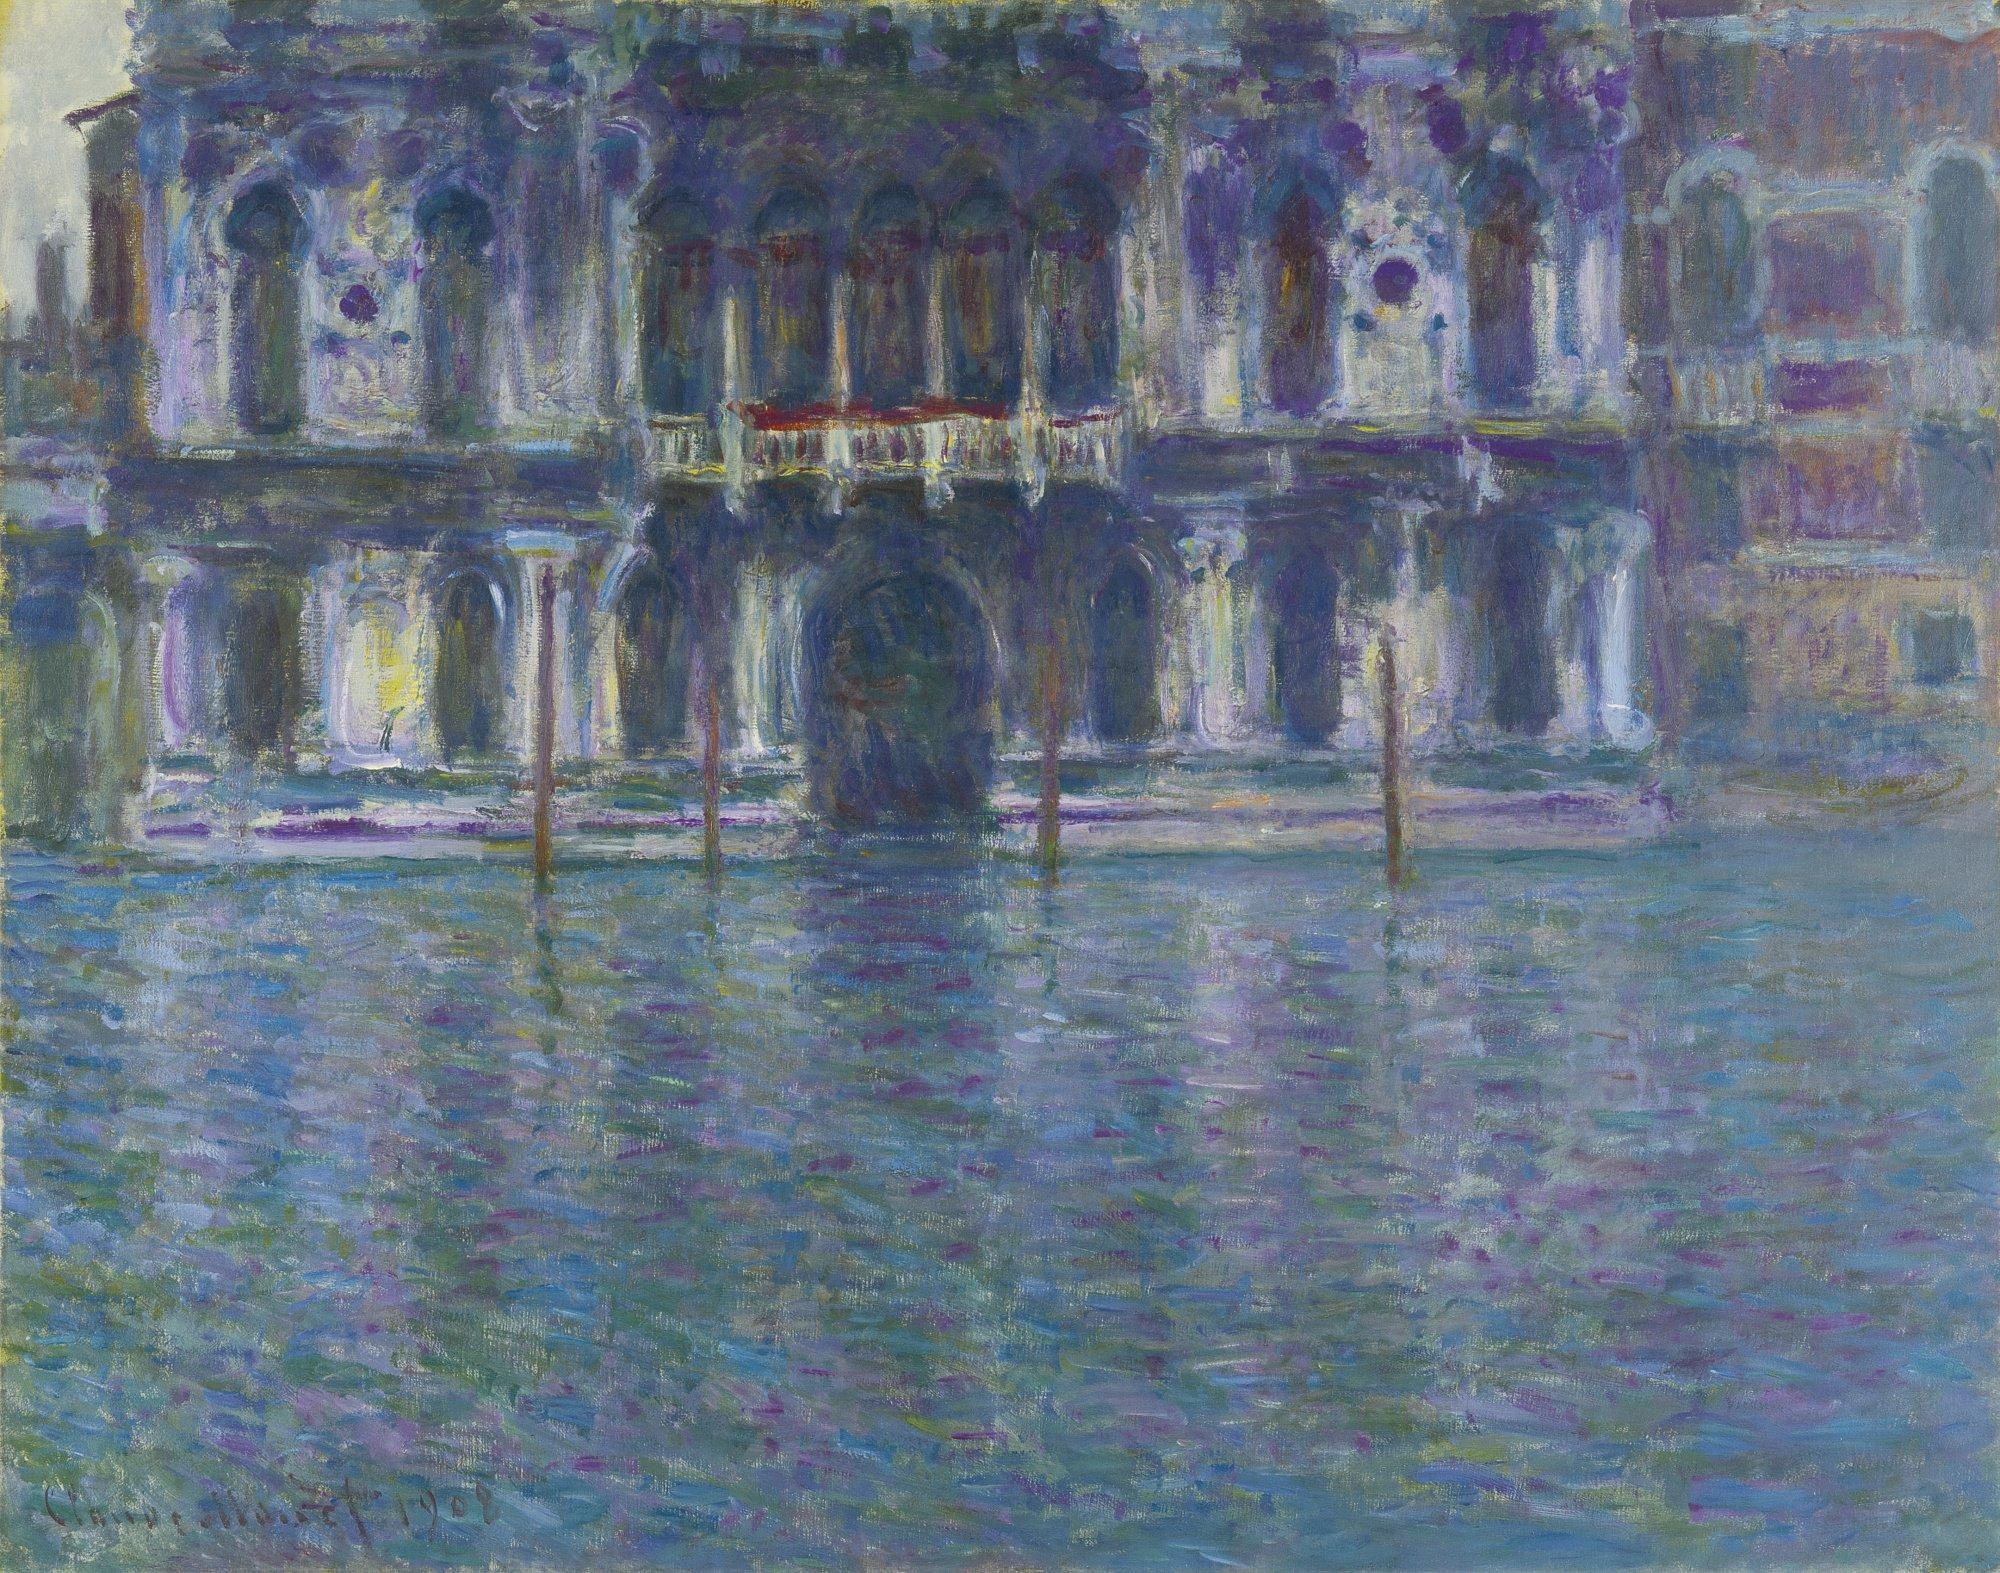 """Teatro La Fenice on Twitter: """"👨🏻🎨 Il #14Novembre 1840 nasceva a Parigi  #ClaudeMONET, capofila dell'impressionismo, padrone di innumerevoli  suggestioni. Buon COMPLEANNO!! 🎨 'PALAZZO CONTARINI' (1908) 🎨 #BOTD  #AccaddeOggi #HappyBDay… https://t.co ..."""